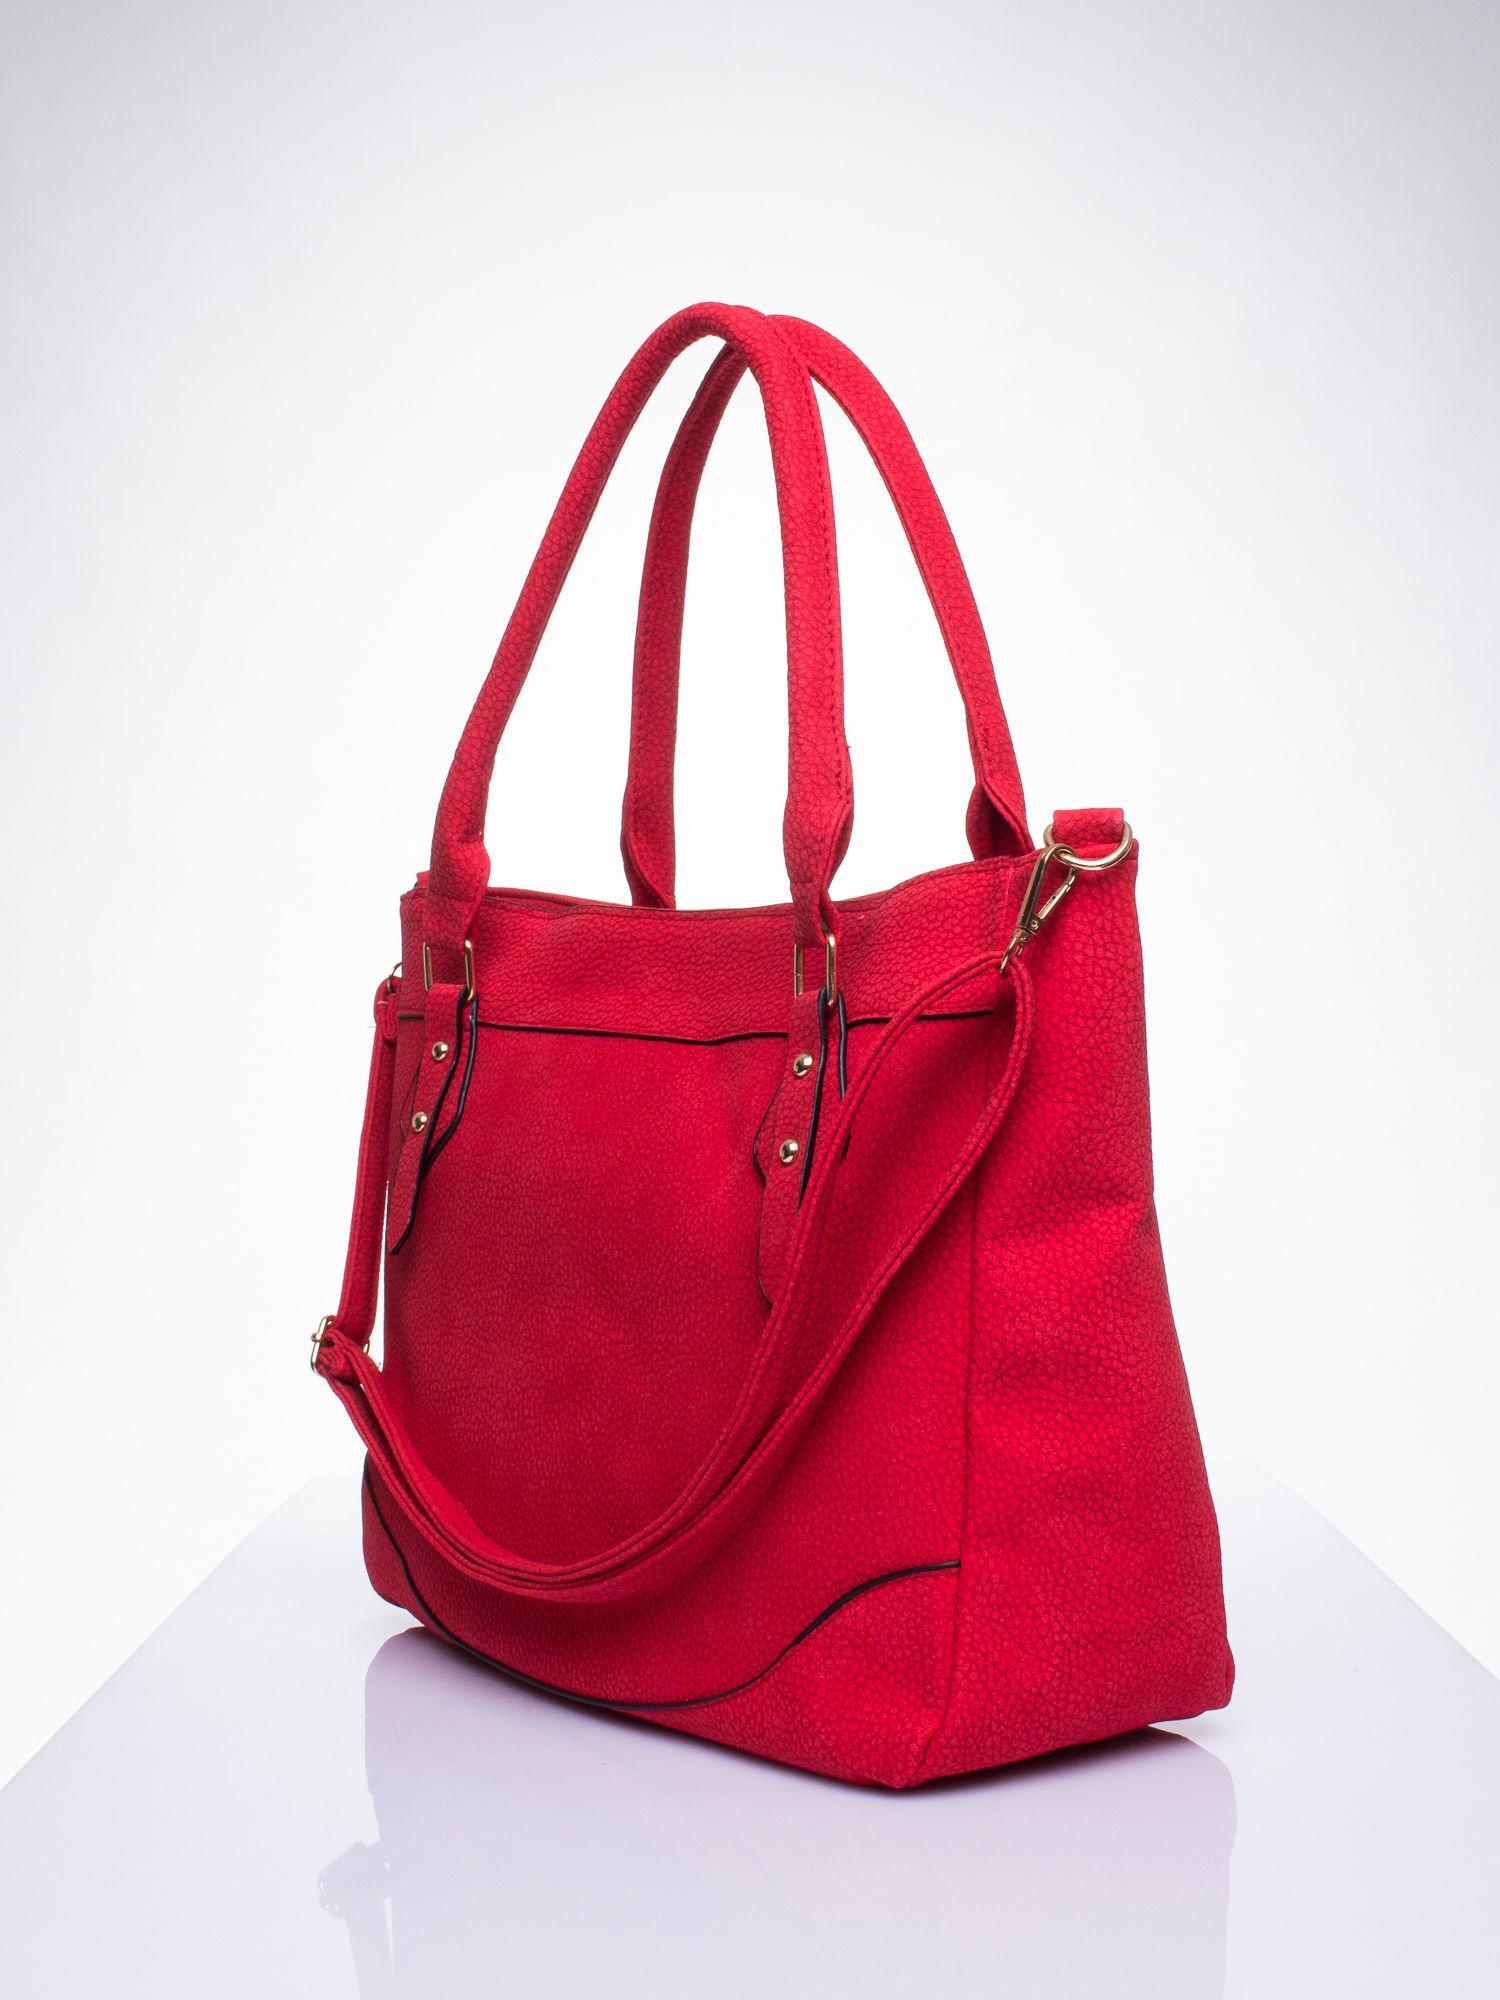 Czerwona fakturowana torba miejska z odpinanym paskiem                                  zdj.                                  2